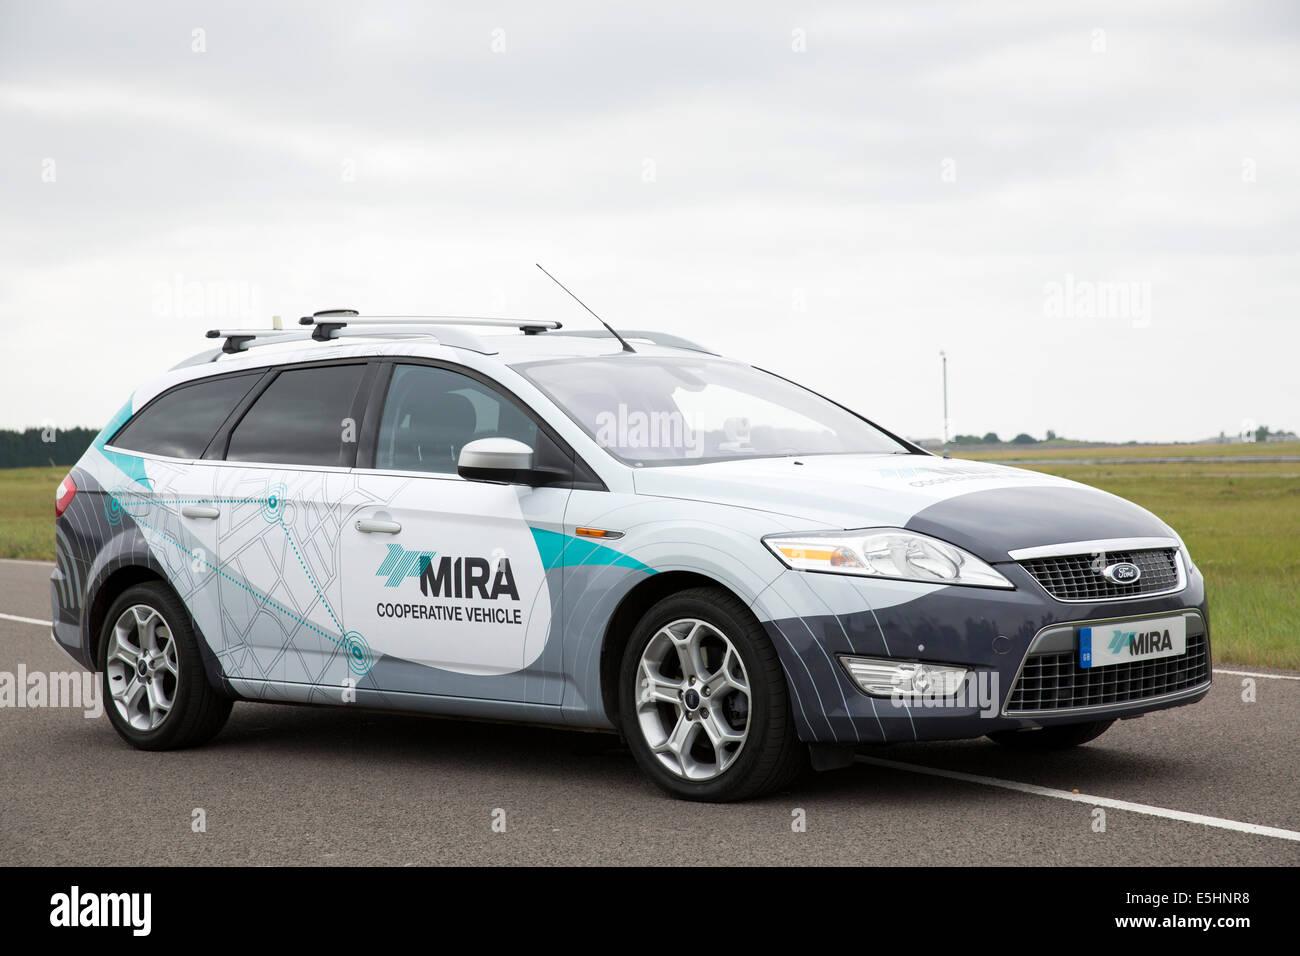 Lancement de la voiture sans conducteur à MIRA (Motor Industry Research Association). Sur la photo la voiture Photo Stock